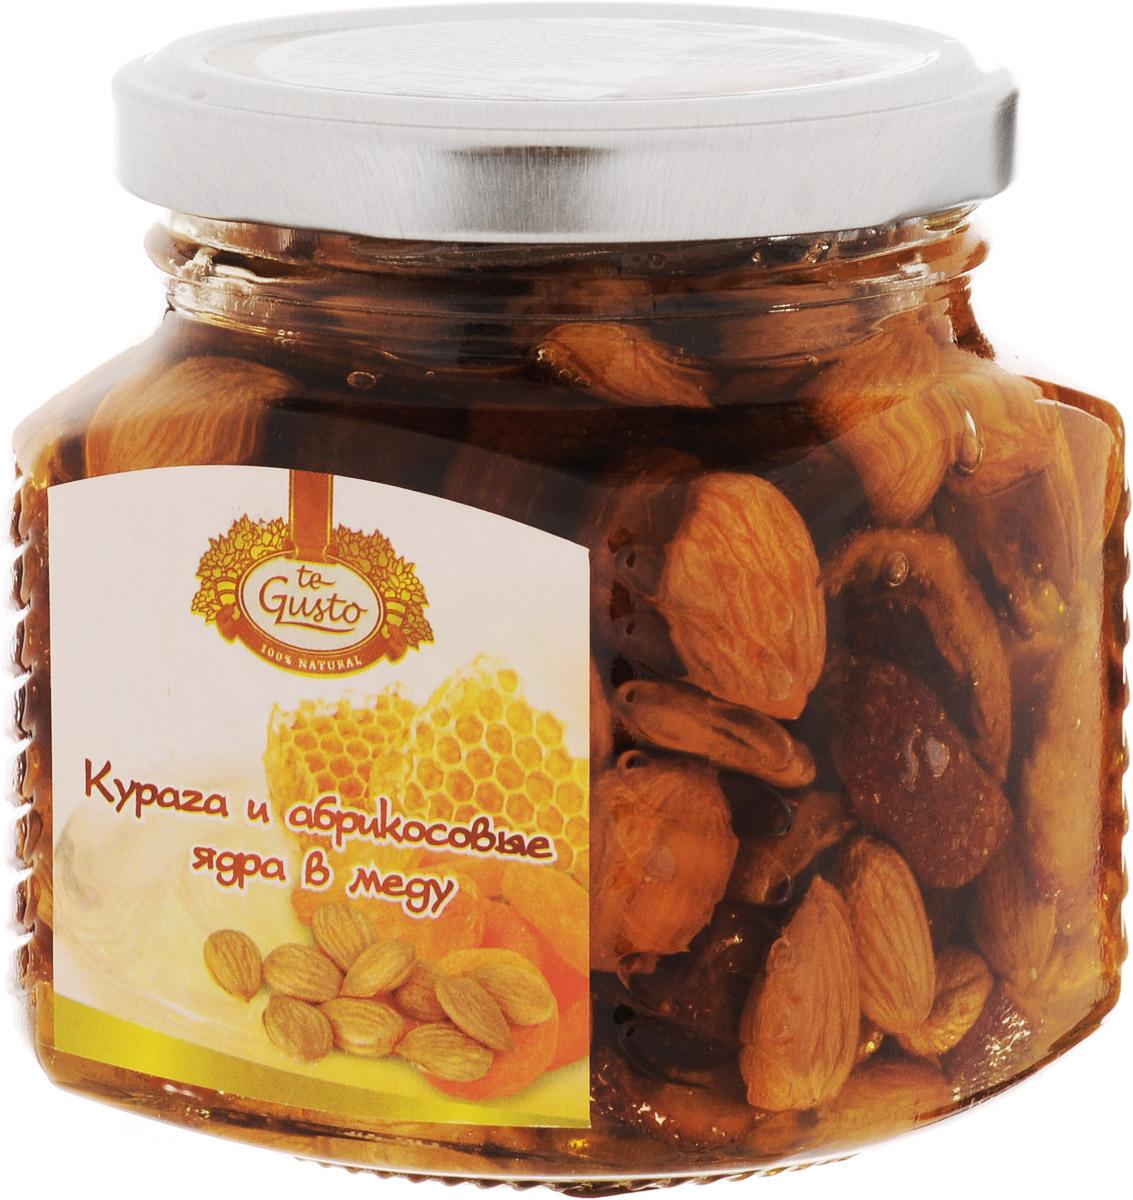 te Gusto Курага и абрикосовые ядра в меду, 300 г te gusto грецкие орехи в меду 300 г